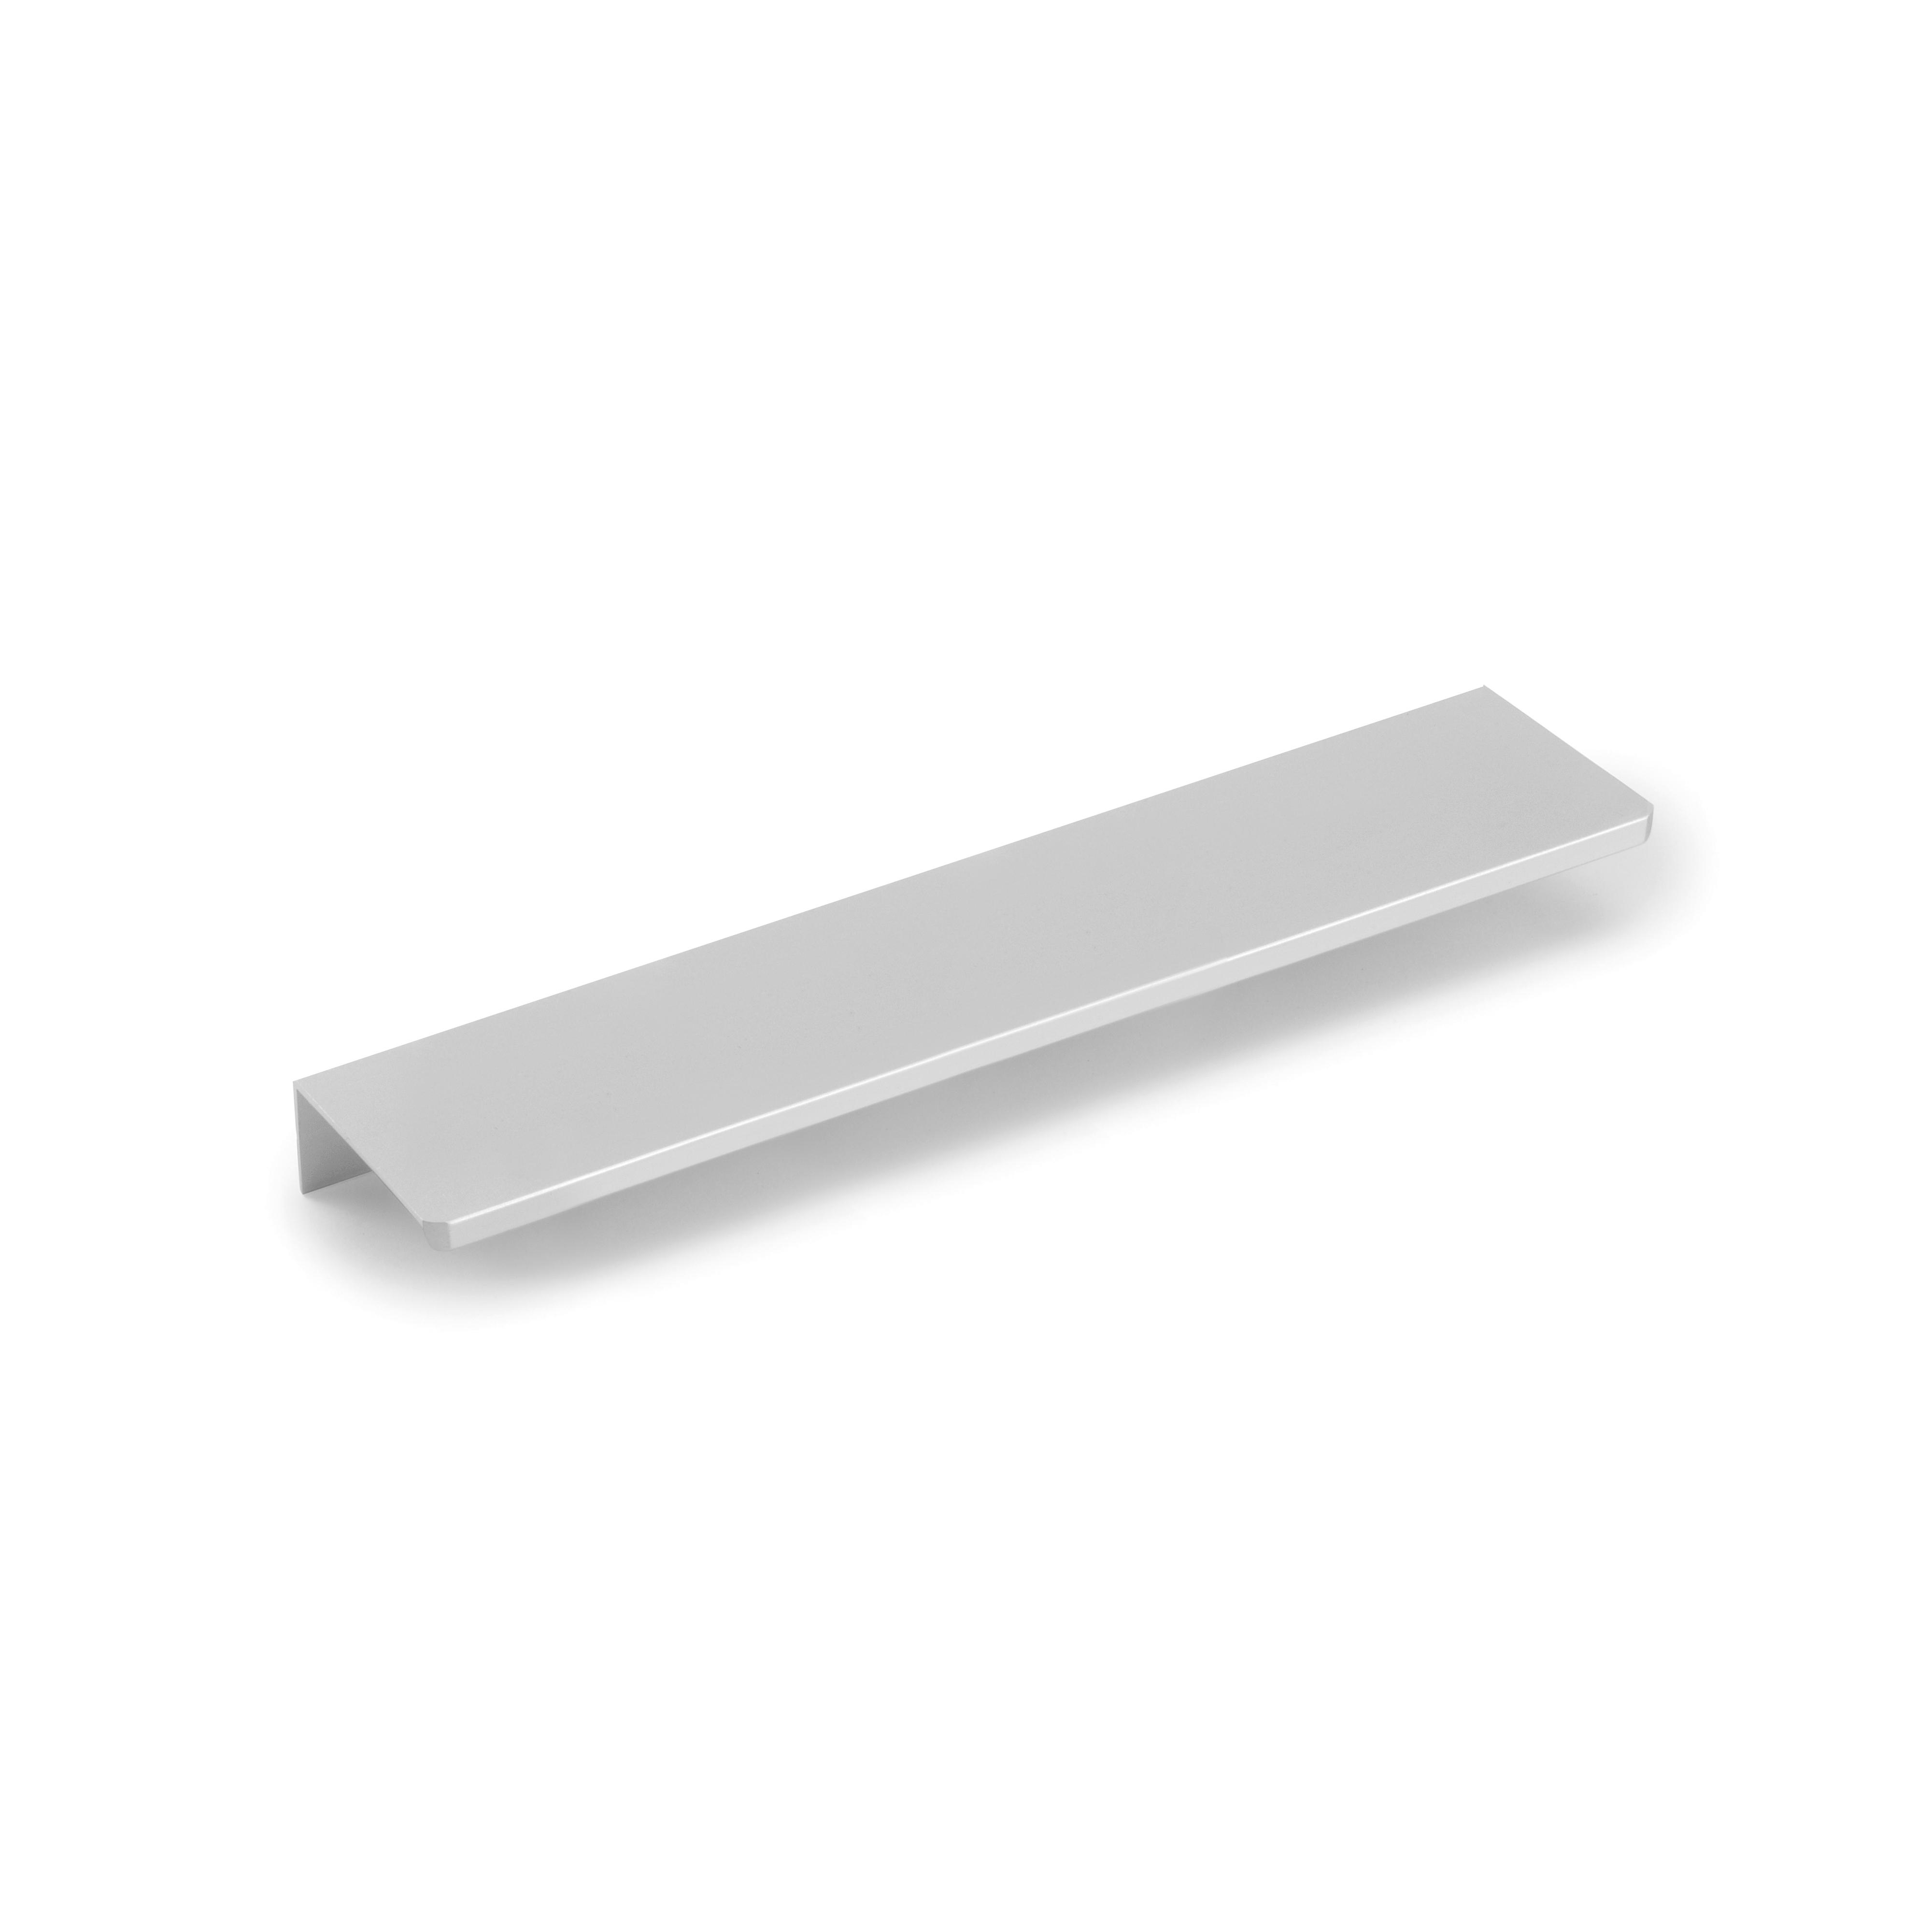 Emuca Maniglie per mobile, interasse 128 mm, Alluminio, Anodizzato opaco